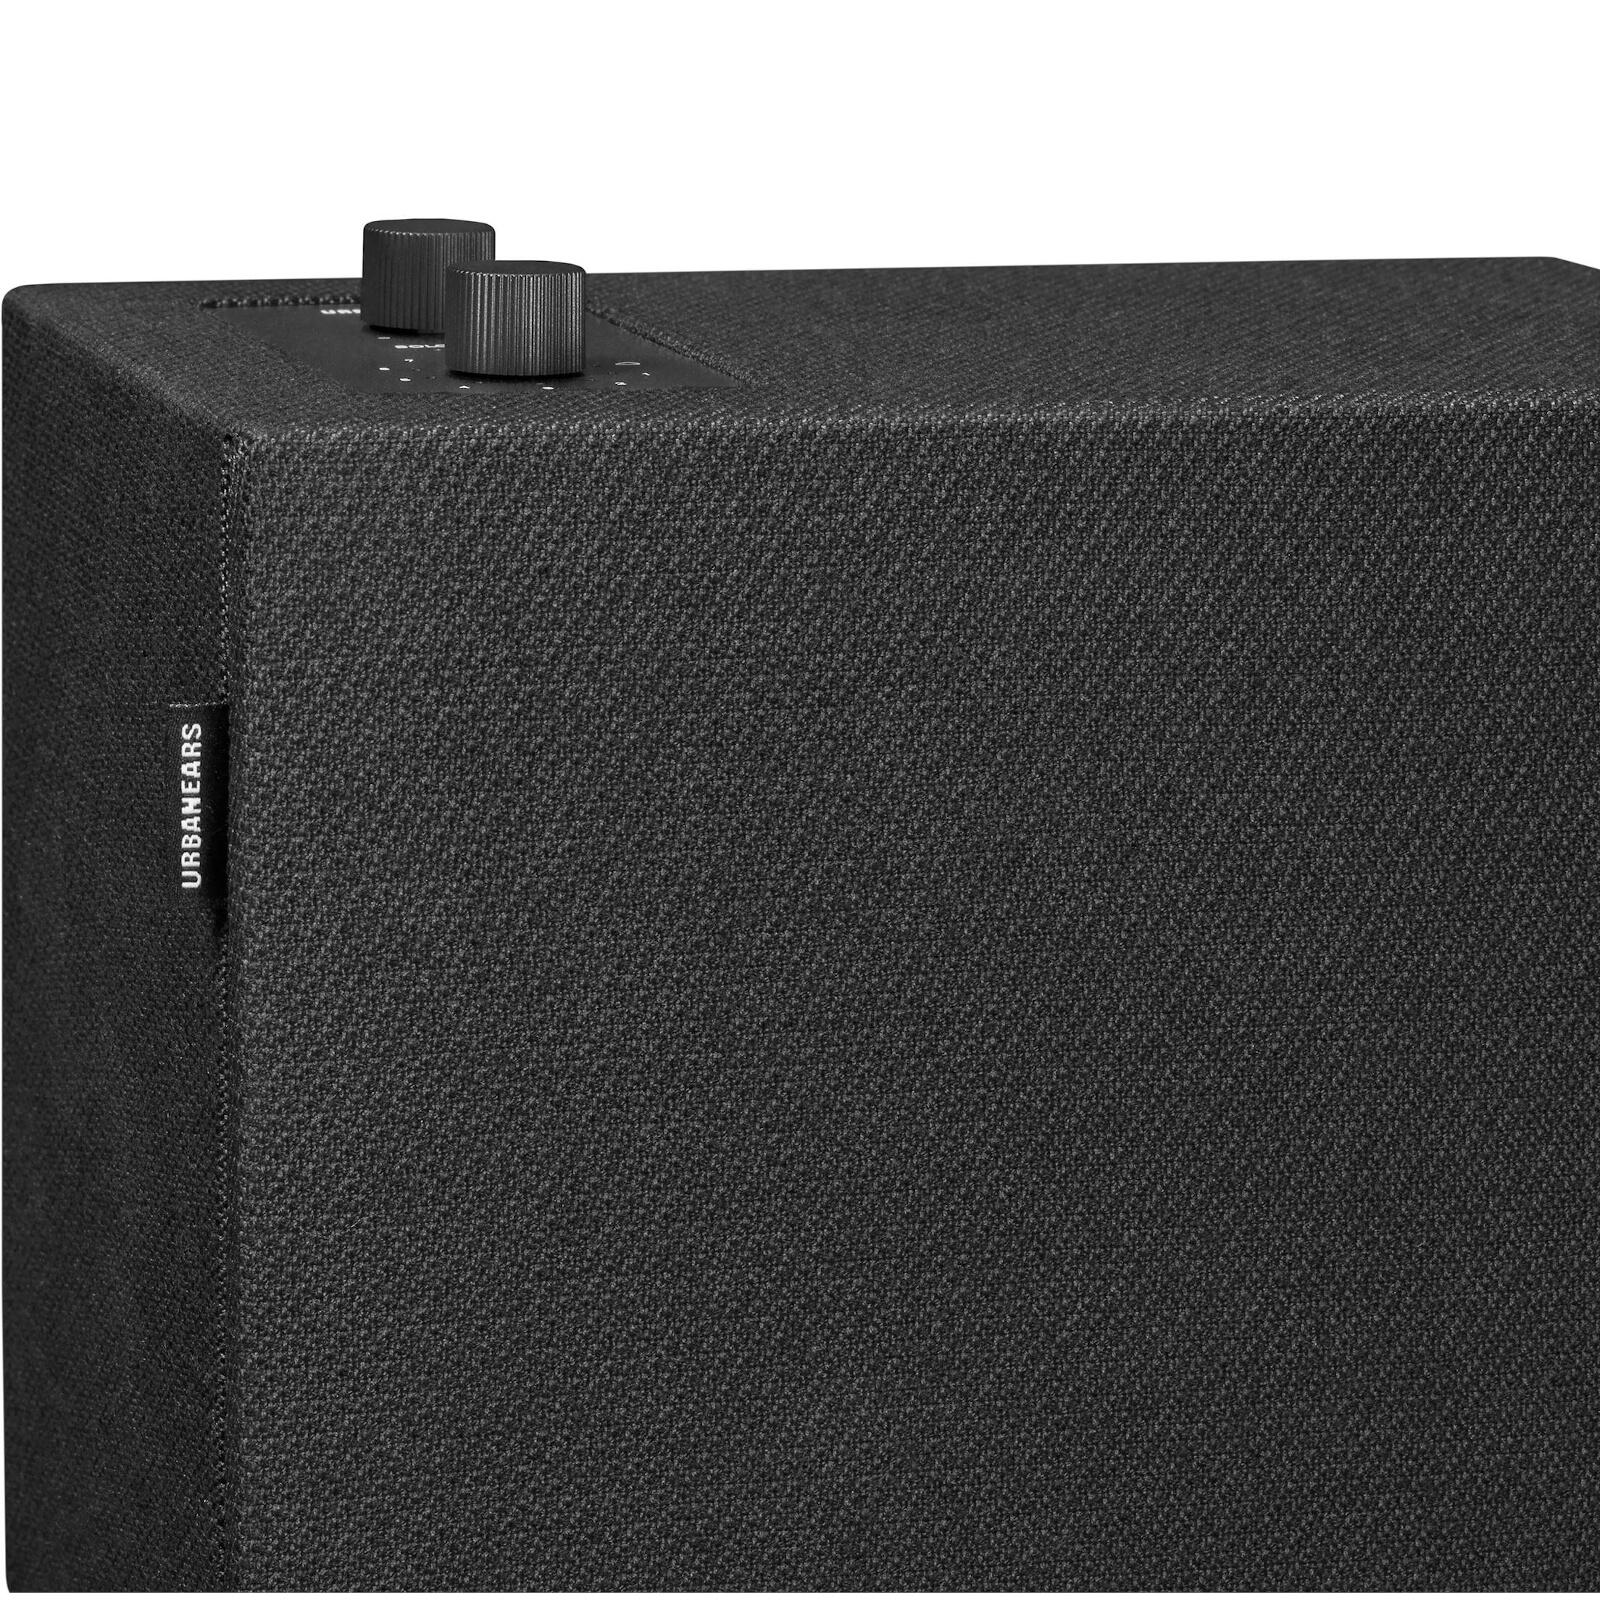 Altavoz Multiroom Urbanears Stammen Bluetooth - Negro